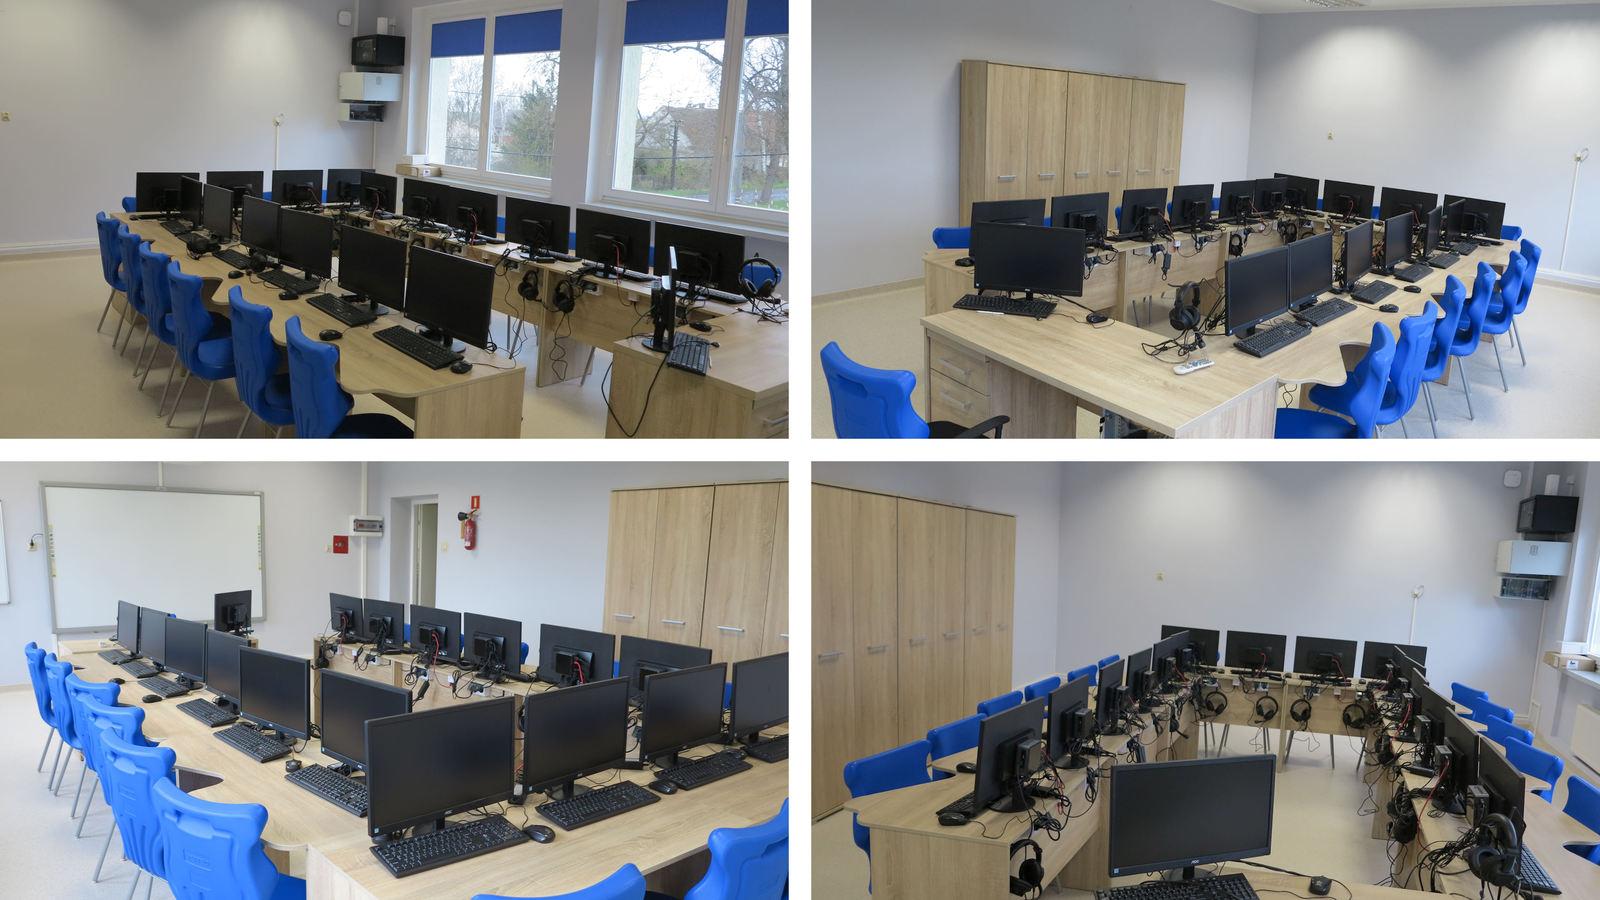 Obraz przedstawia cztery ujęcia odnowionej sali informatycznej, gdzie po środku stoją jasne biurka, na nich stoją czarne monitory komputerowe wraz z słuchawkami oraz pozostałym osprzętem. Do biurek są przysunięte krzesła uczniowskie koloru niebieskiego.